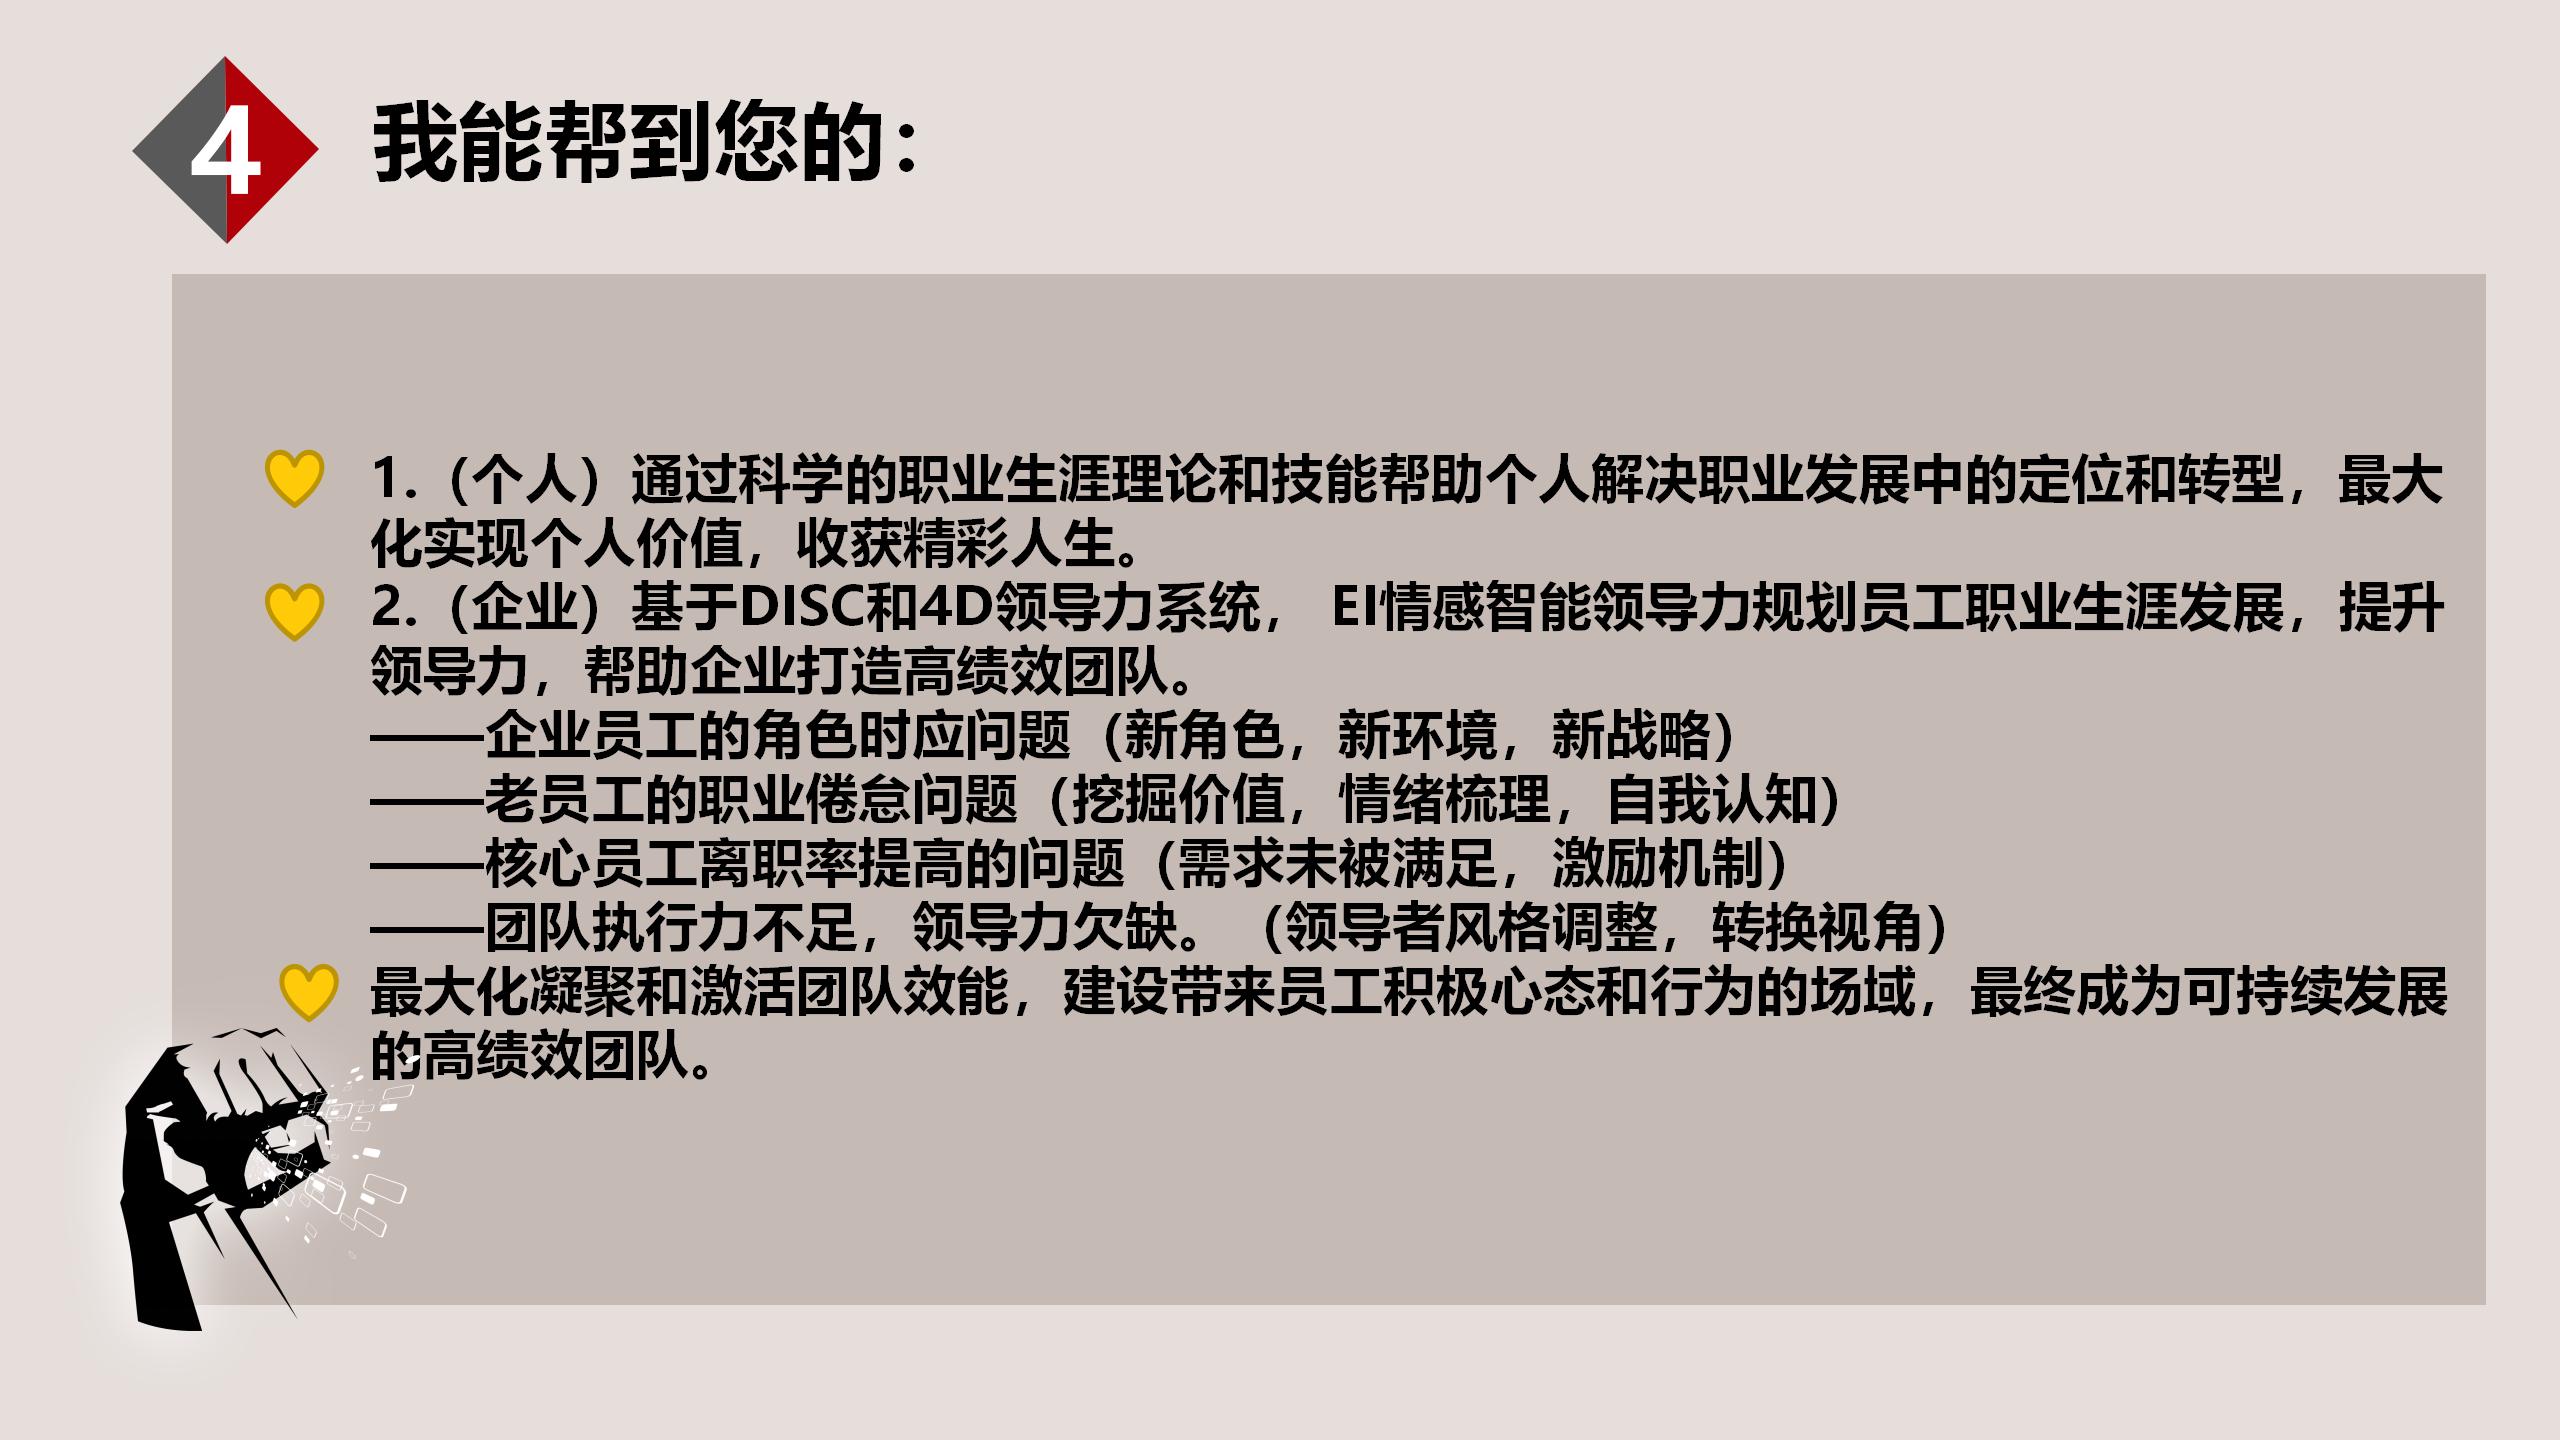 方芳共享大企业讲师介绍_06